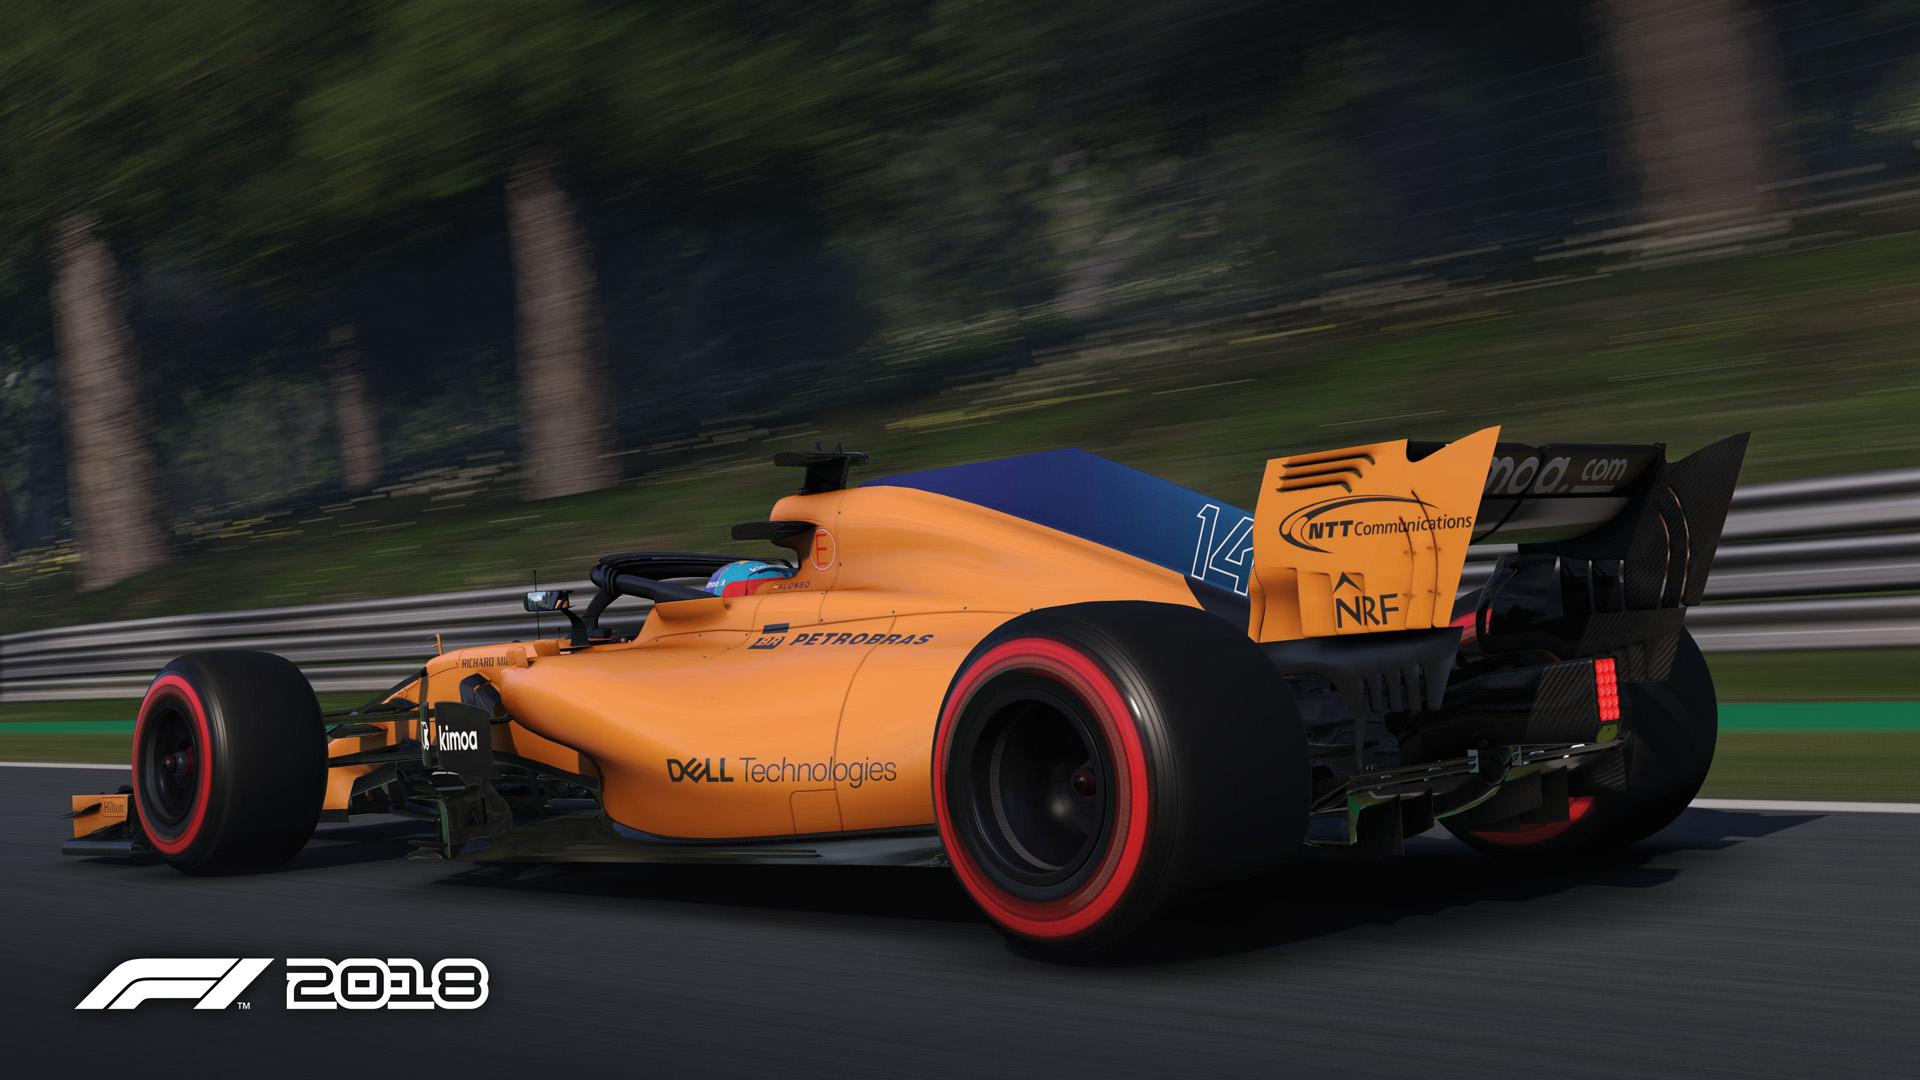 F1 2018 Update.jpg